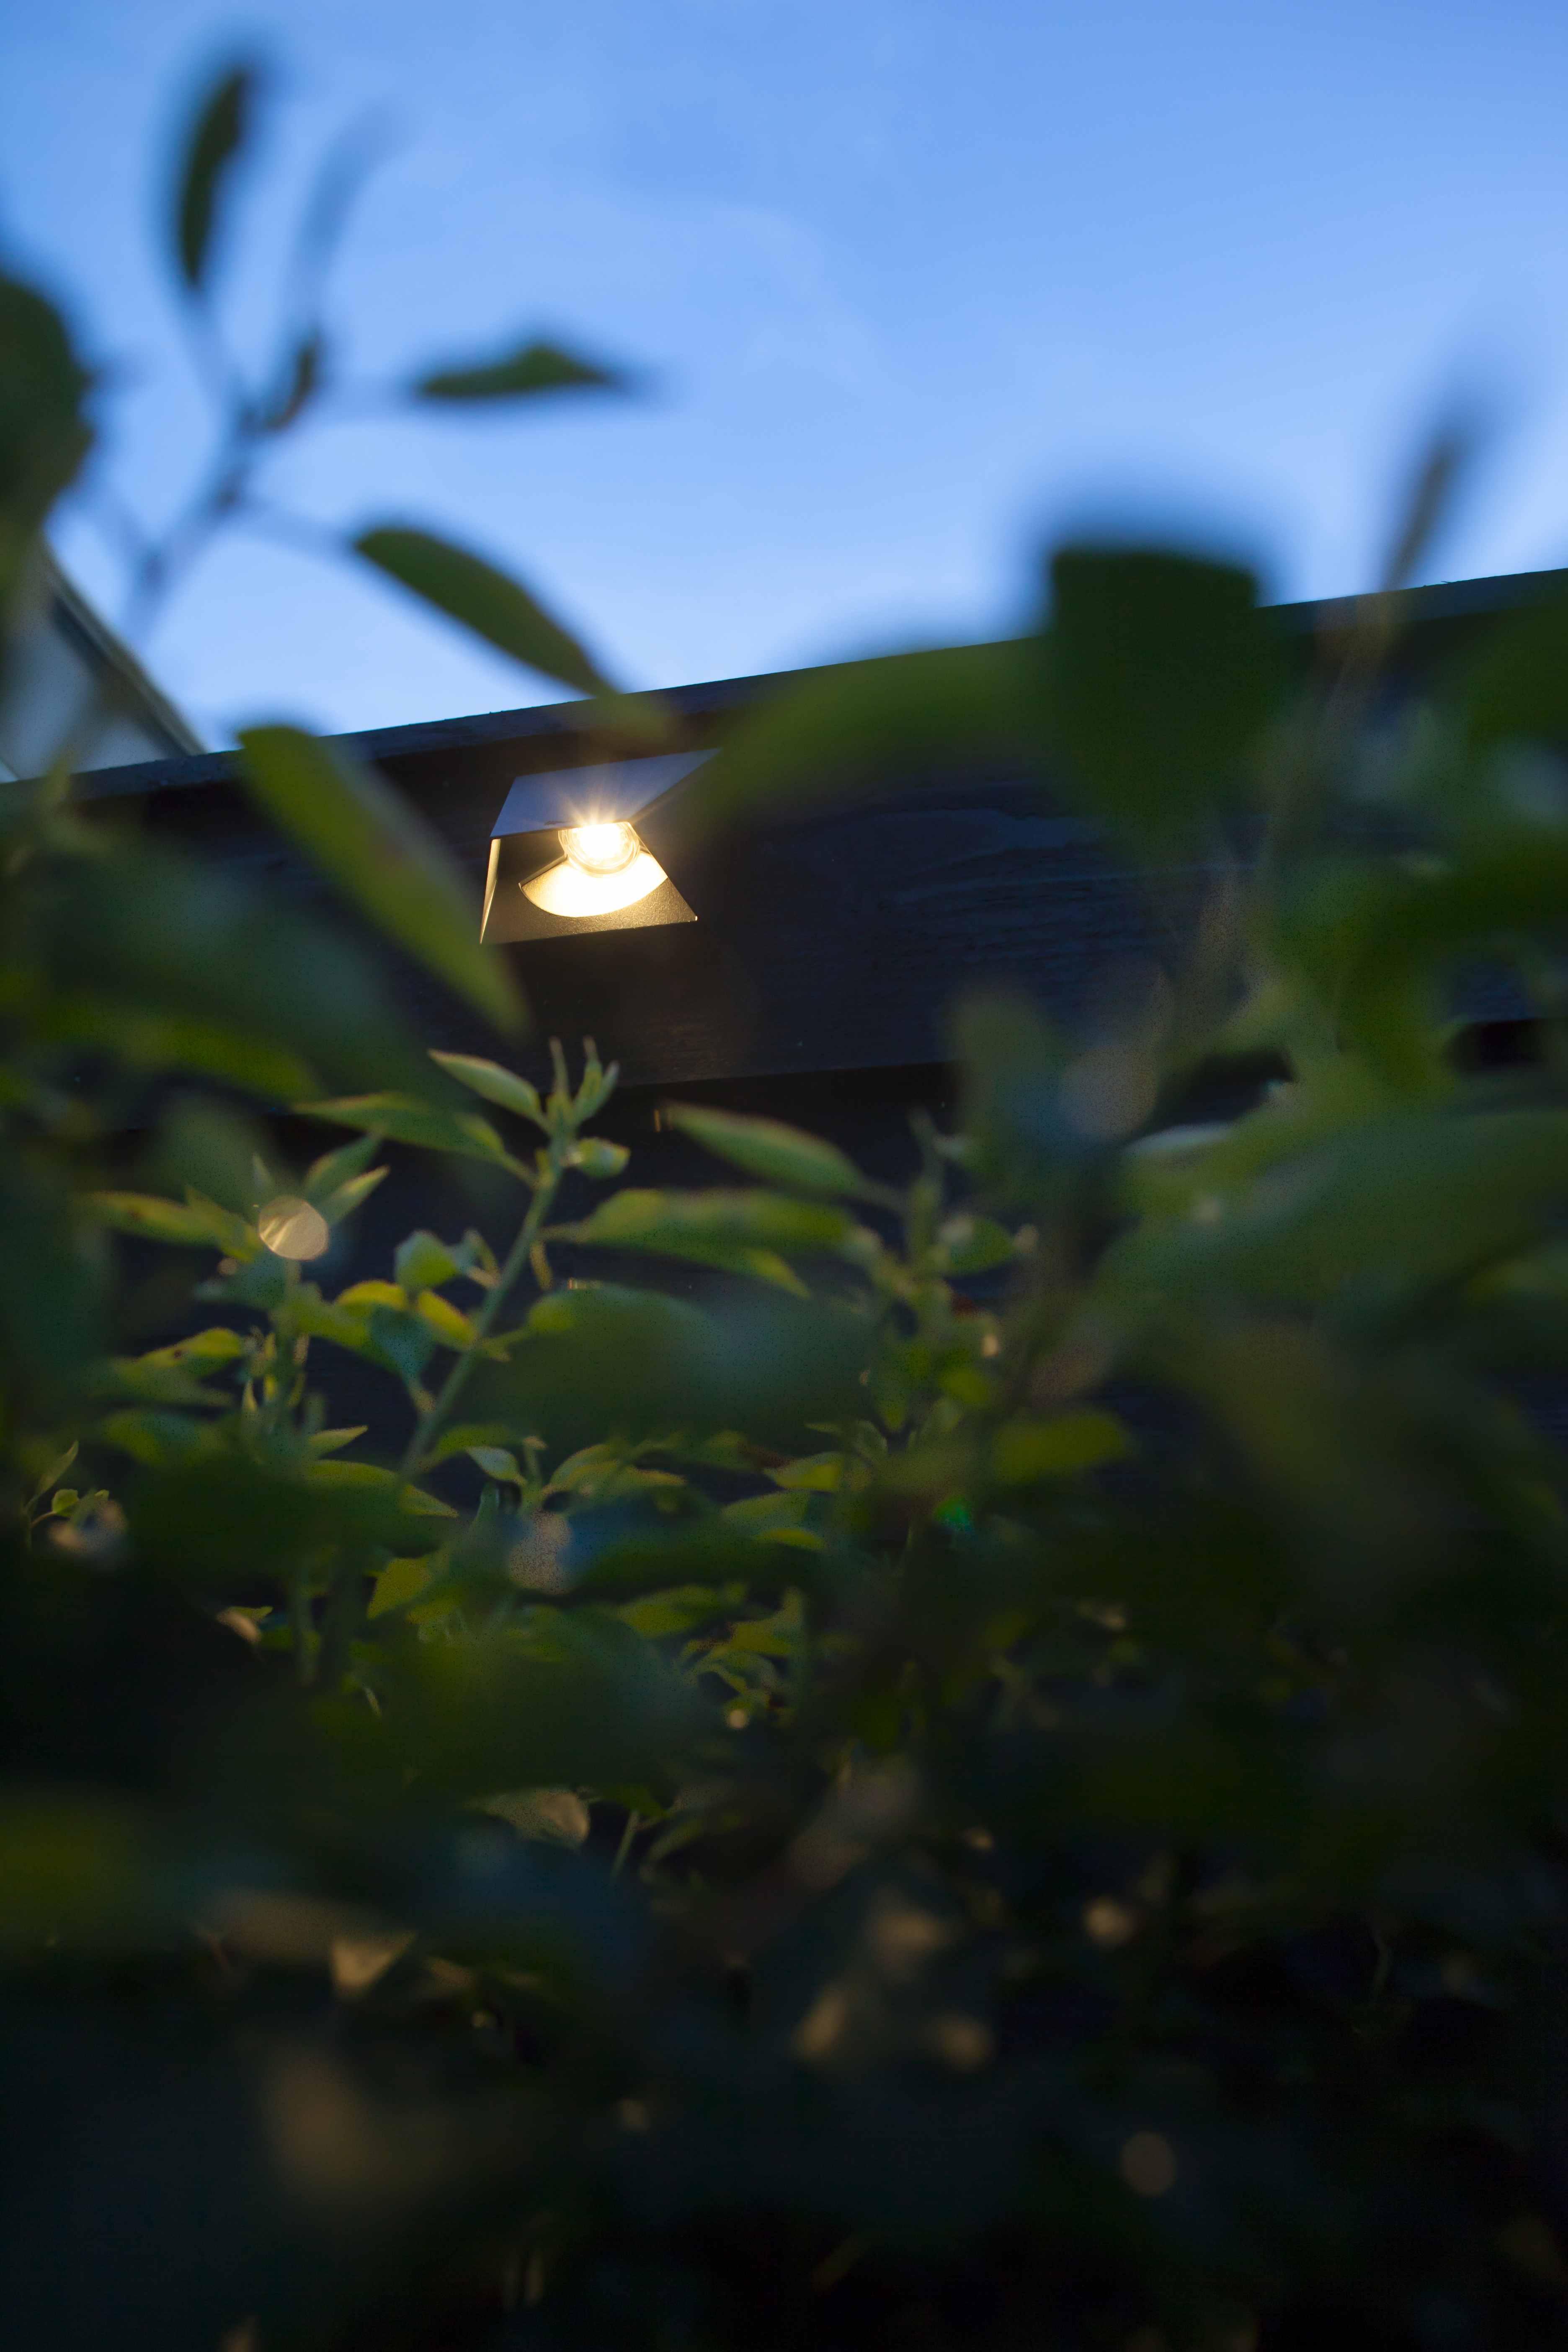 Vierkant Wandleuchte In Dunkelgrau Beschichtetem Aluminium. Erzeugt Ein  Indirekt Gebündeltes, Warmweißes Licht. Perfekt Zum Beleuchten Von Zäunen,  ...